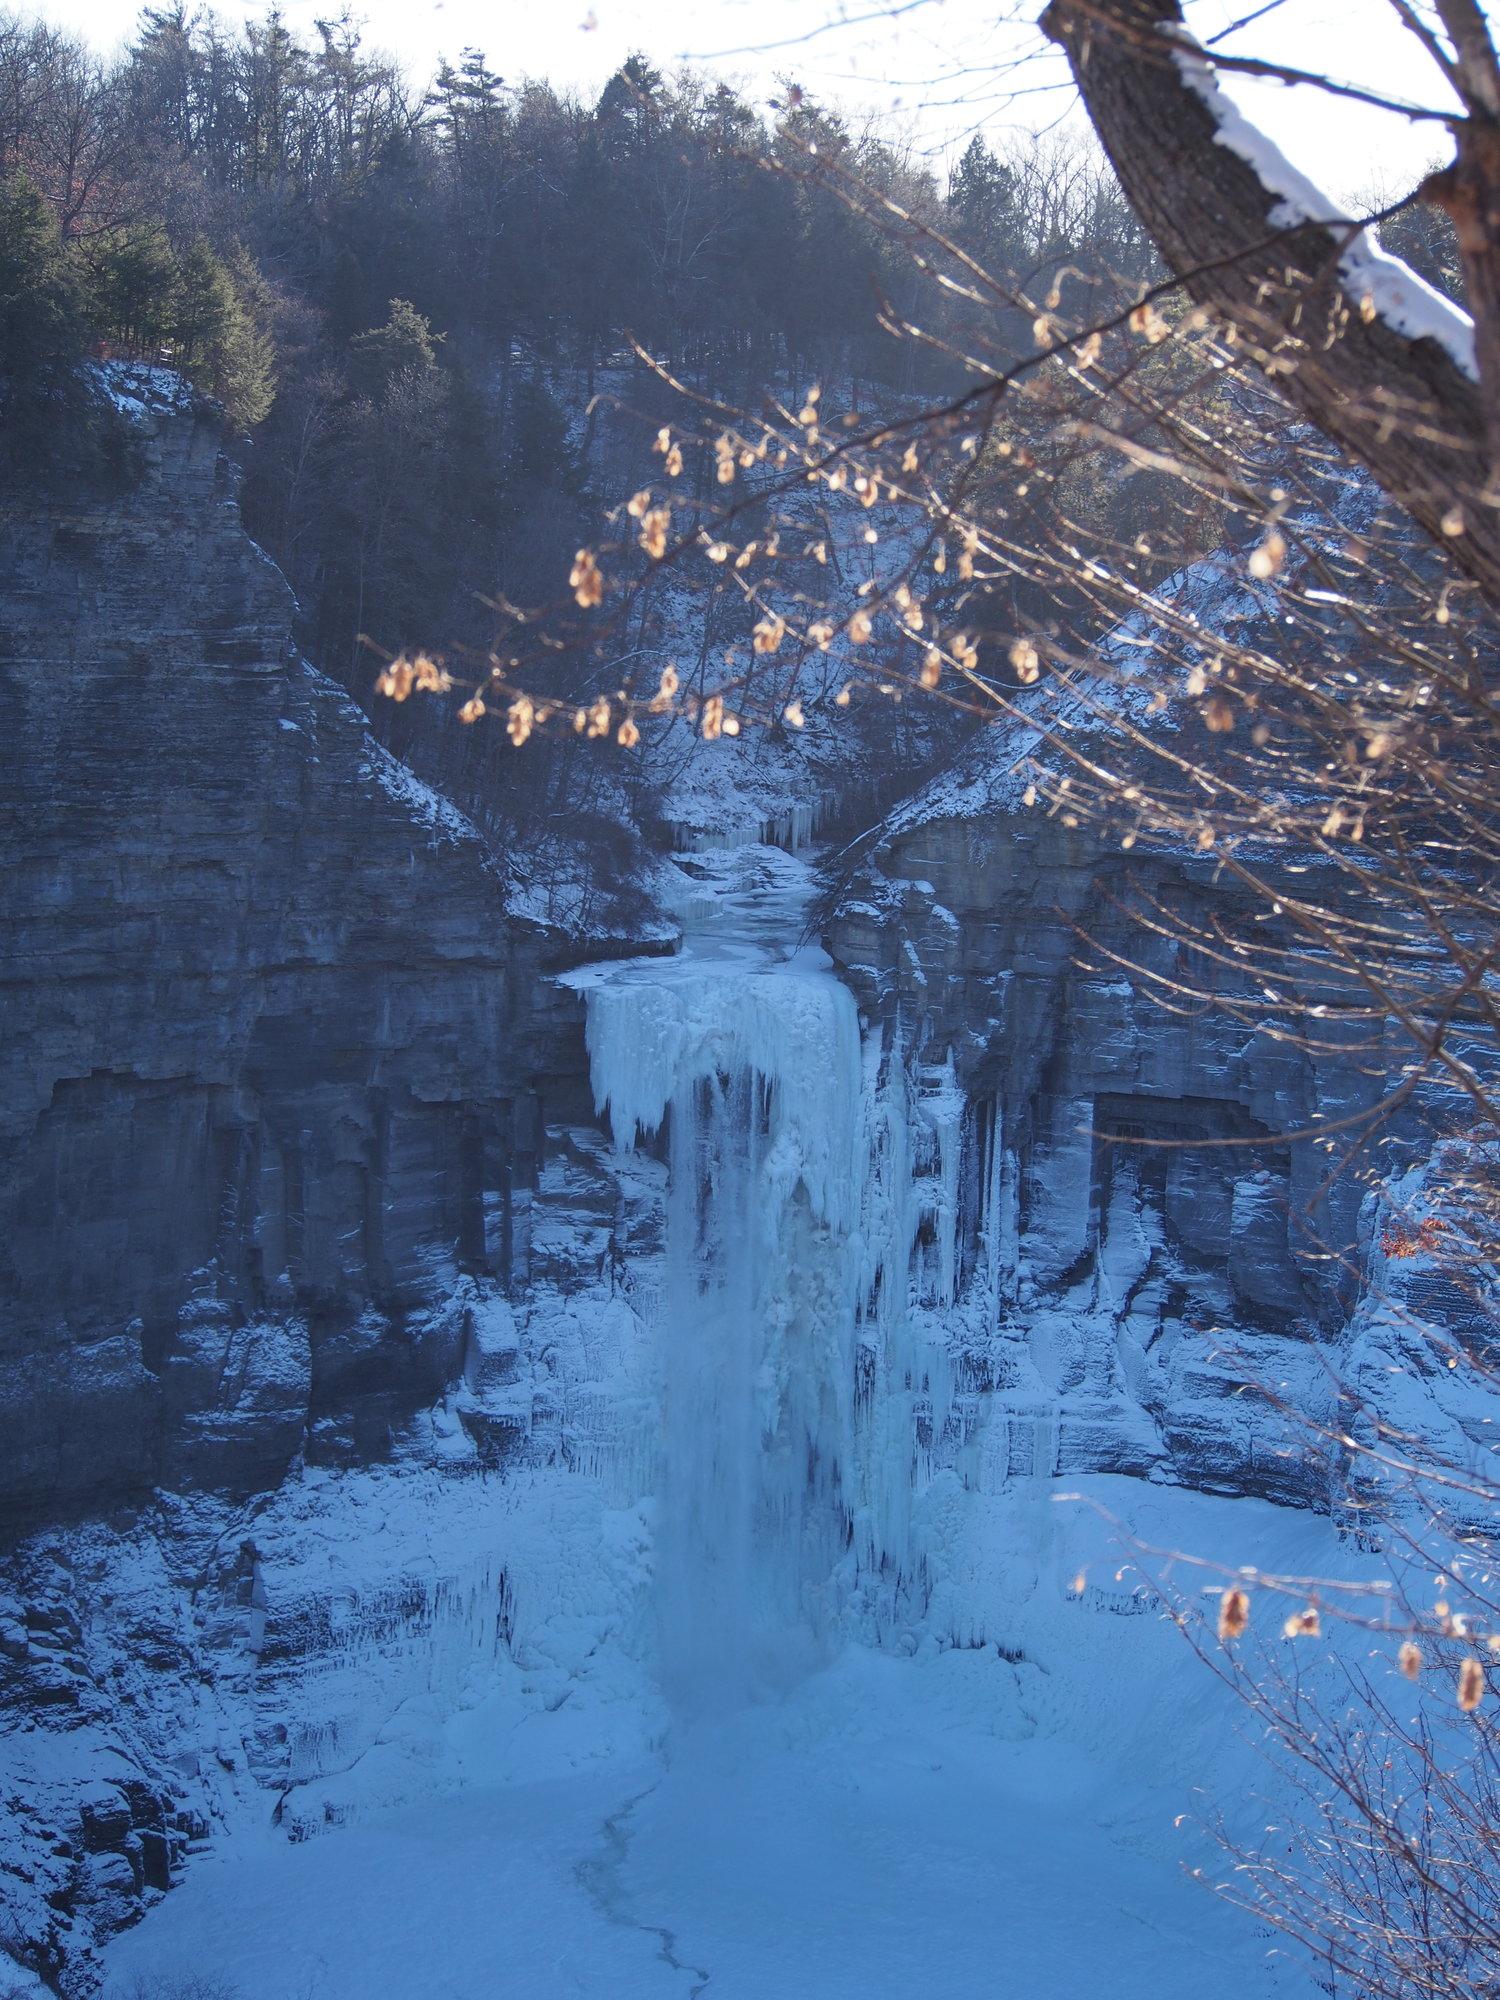 Air terjun Taughannock di Ithaca bisa sampai beku saking dinginnya, padahal tingginya lebih tinggi dari Niagara Falls